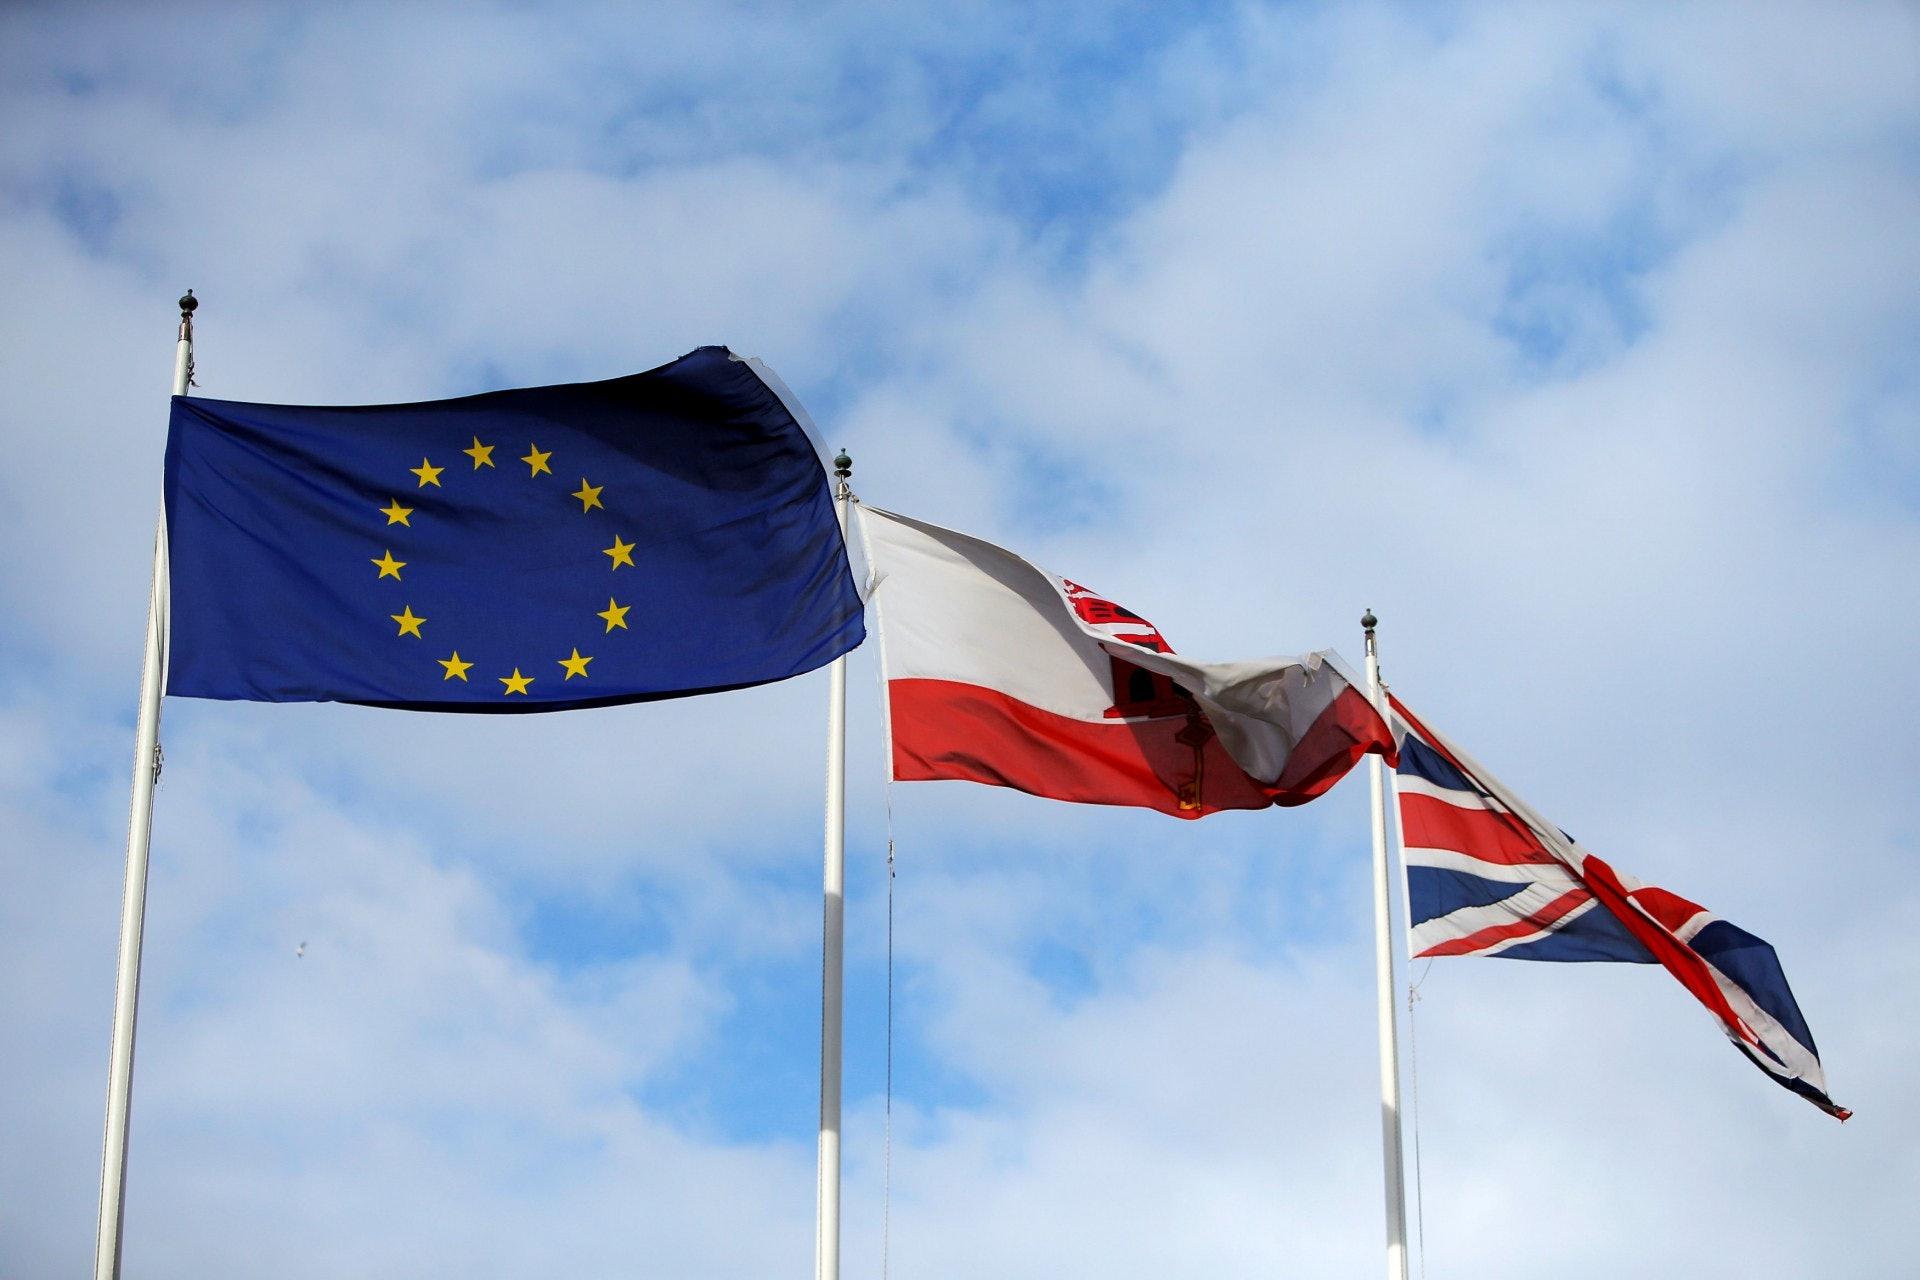 周日(25日),歐盟通過英國的脫歐協議草案,如若英國國會通過脫歐草案,英國將於2019年3月退出歐盟。(路透社)